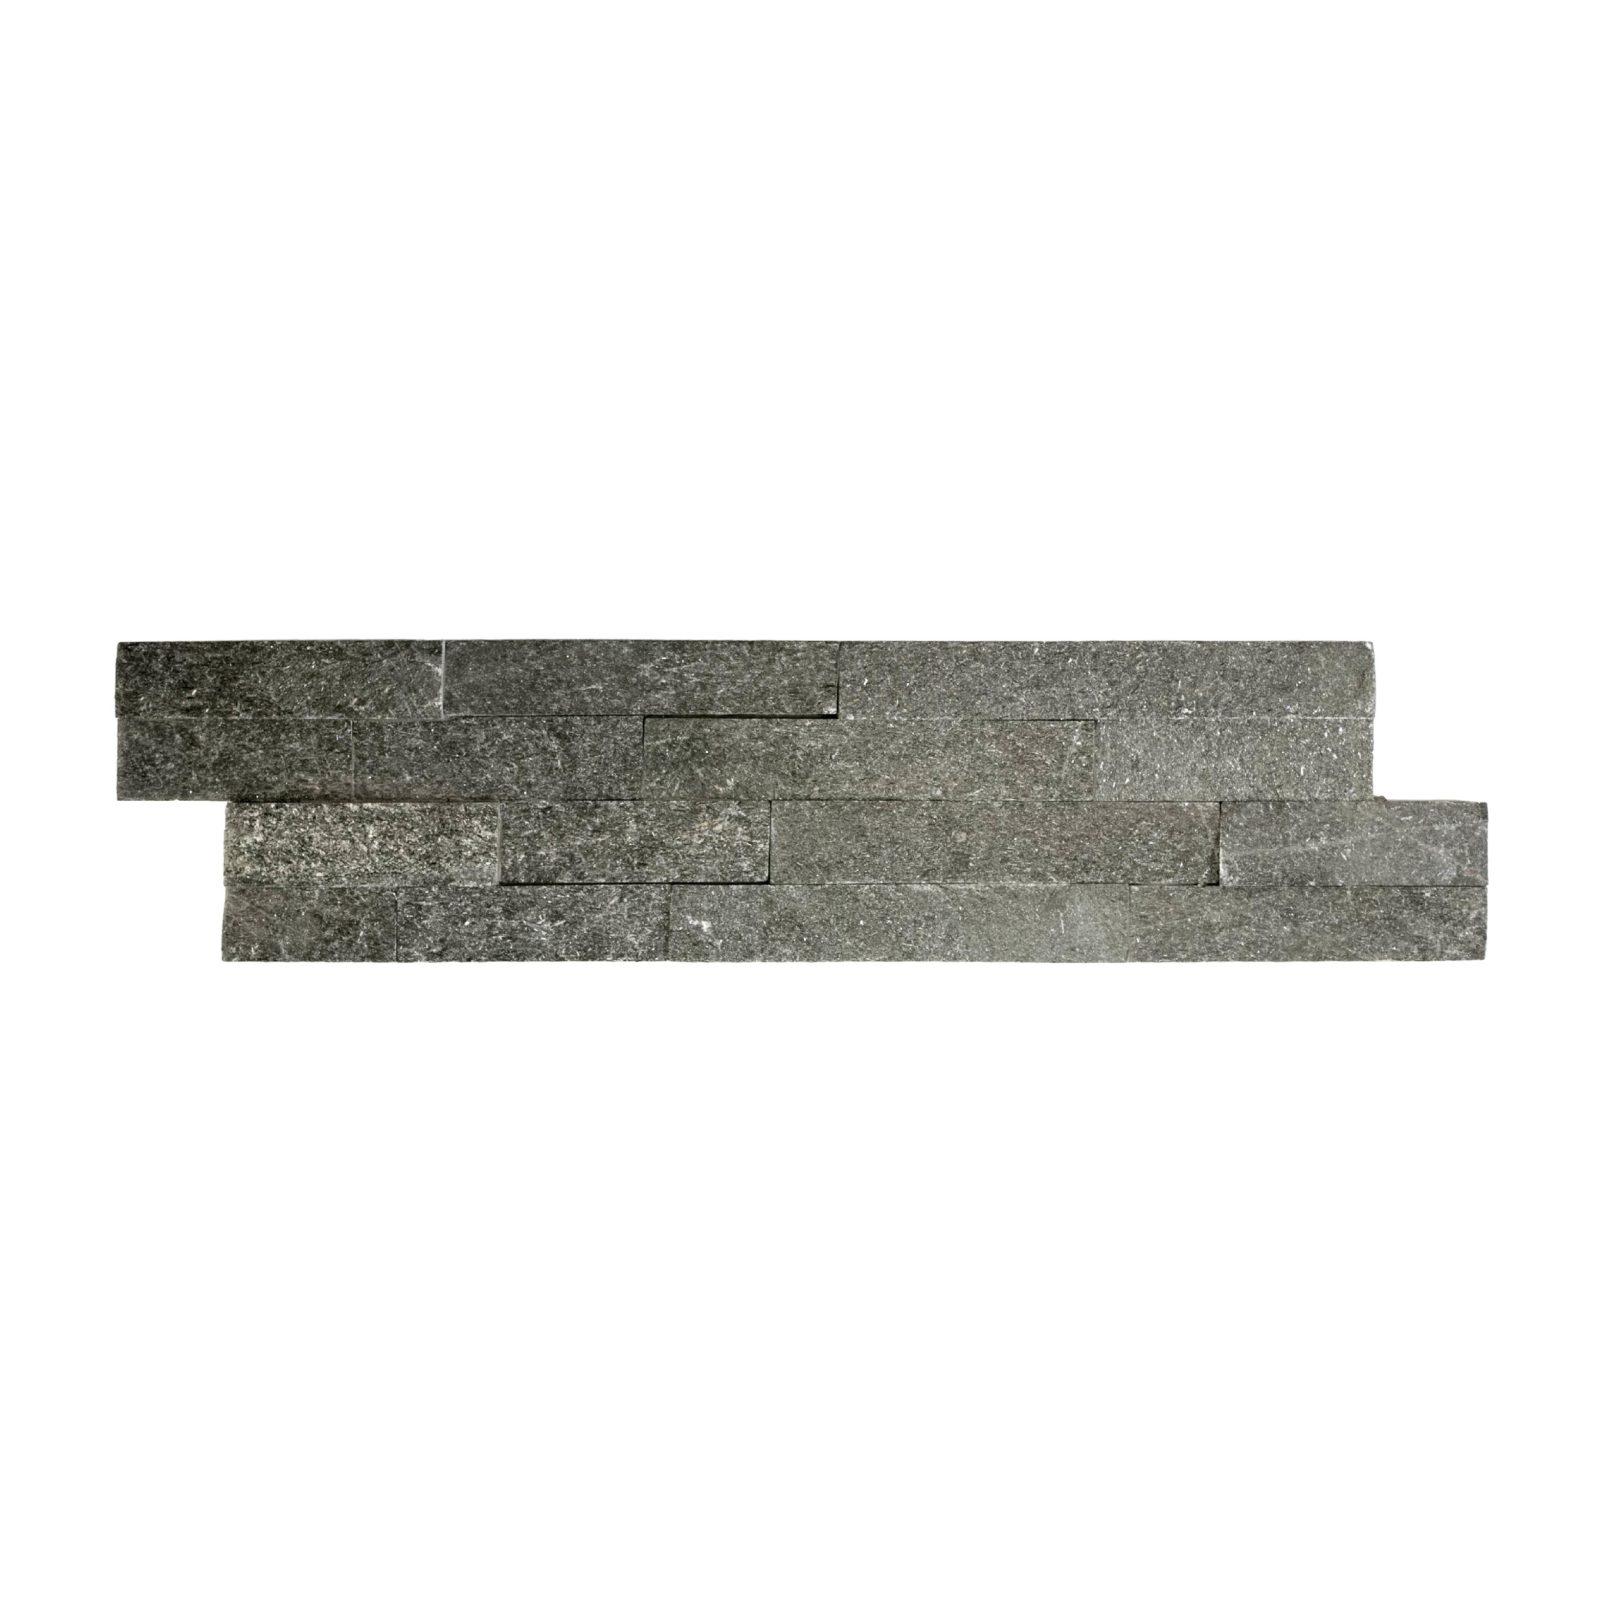 Charcoal Quartz Ledgerstone 6 Quot X 24 Quot Schillings